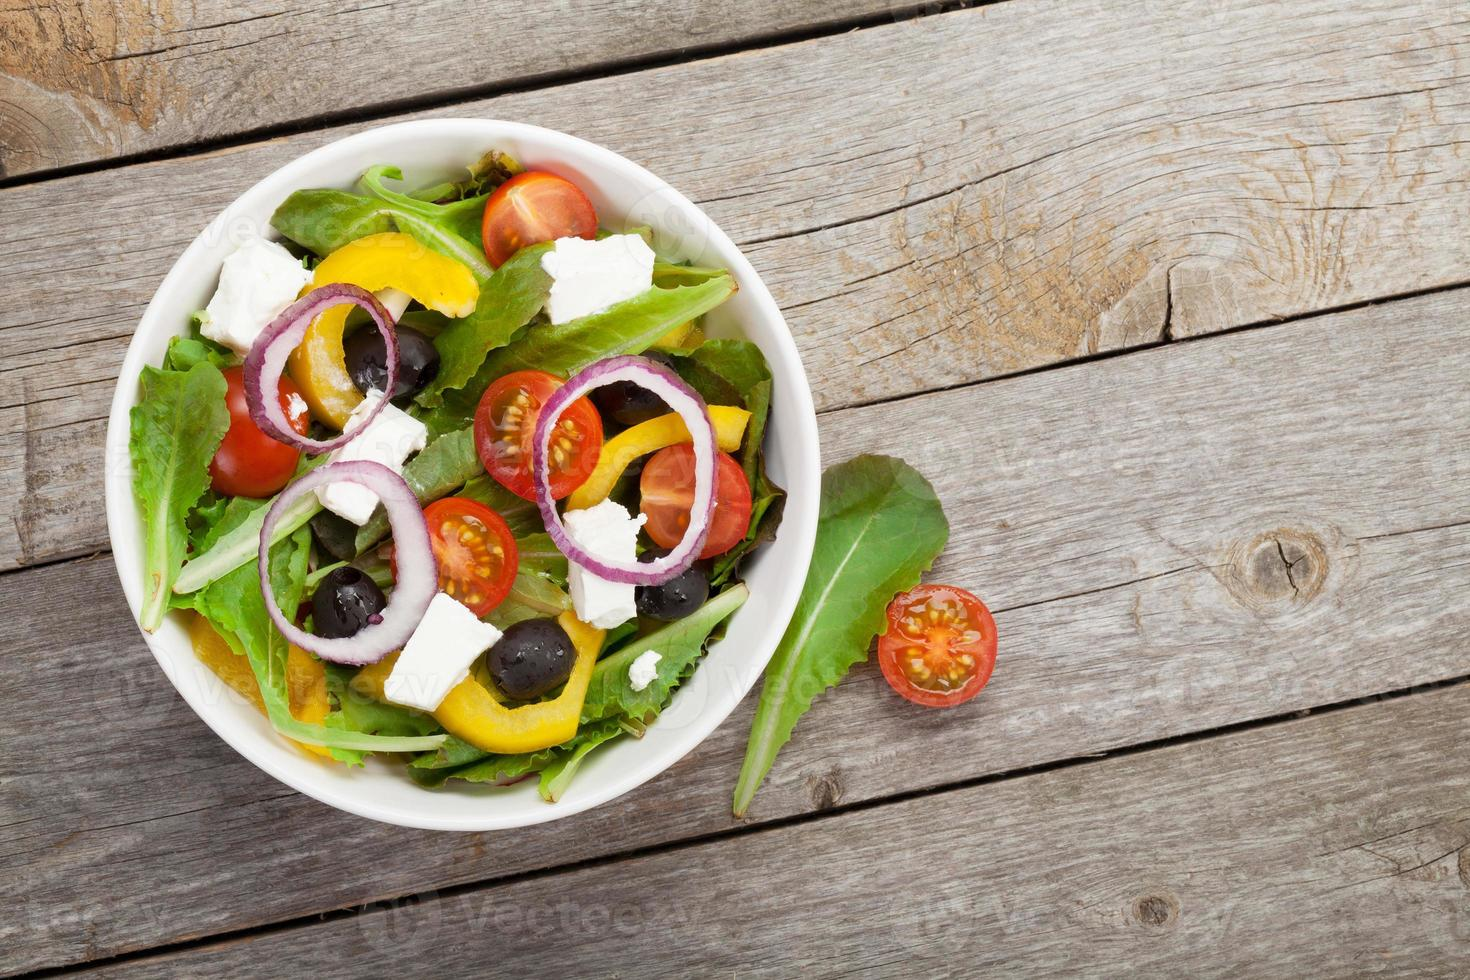 ensalada fresca y saludable foto